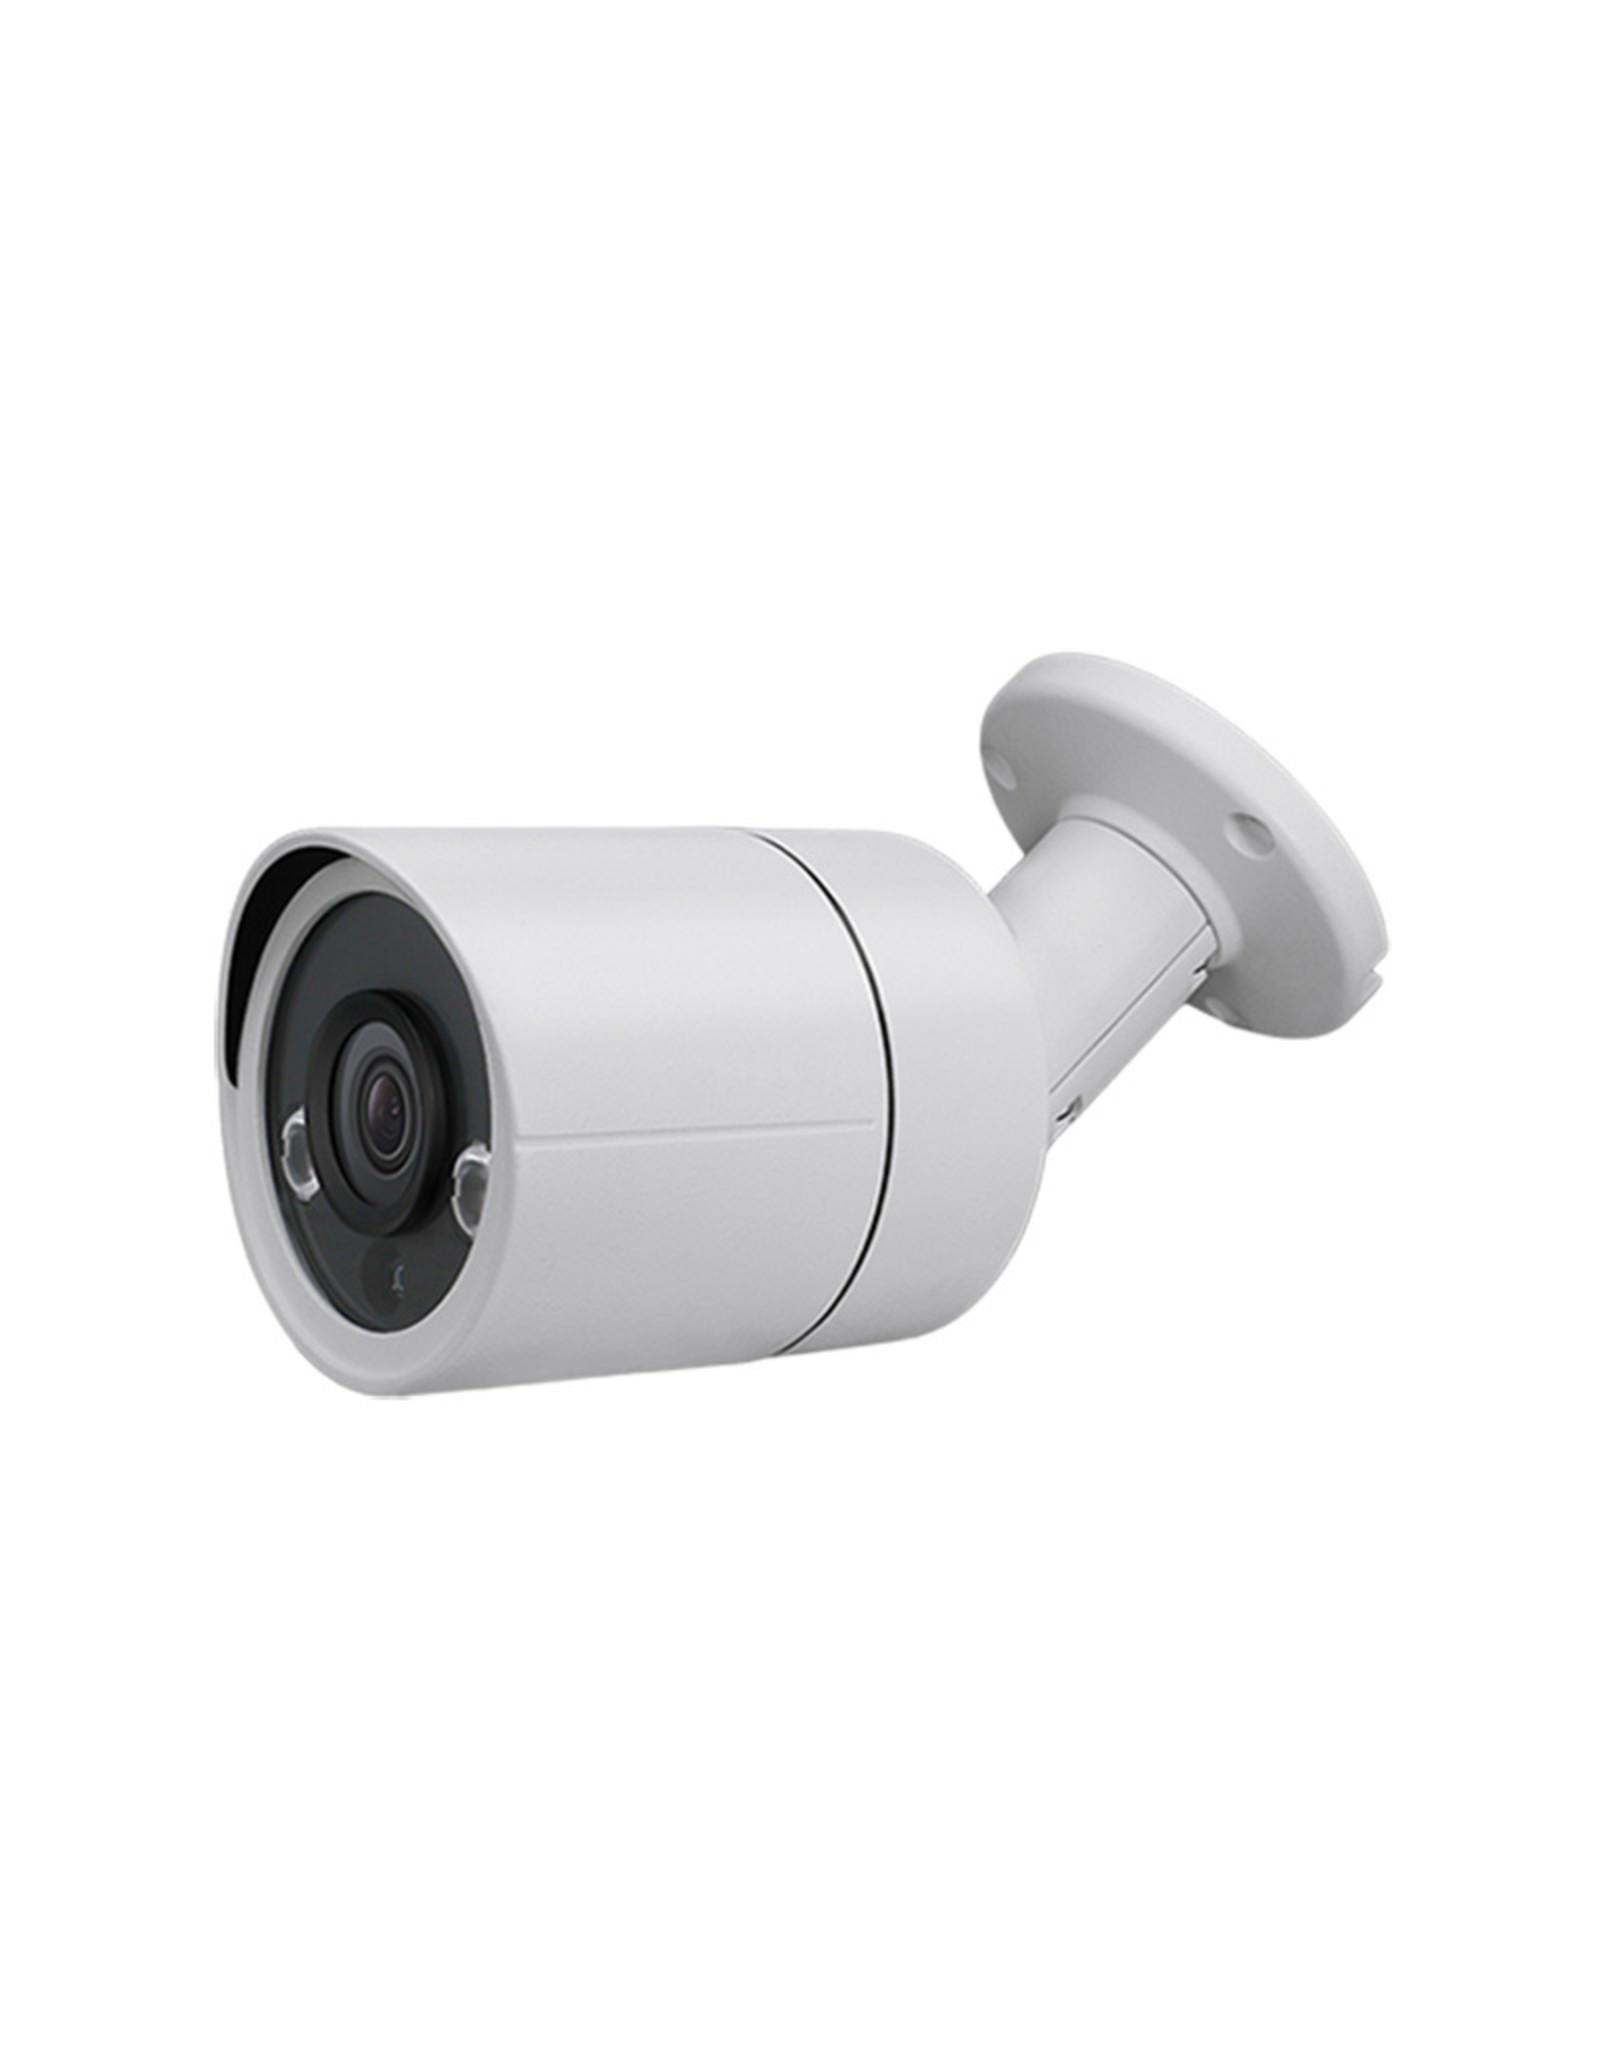 X-Security X-Security XSC-IPB027AH-2E